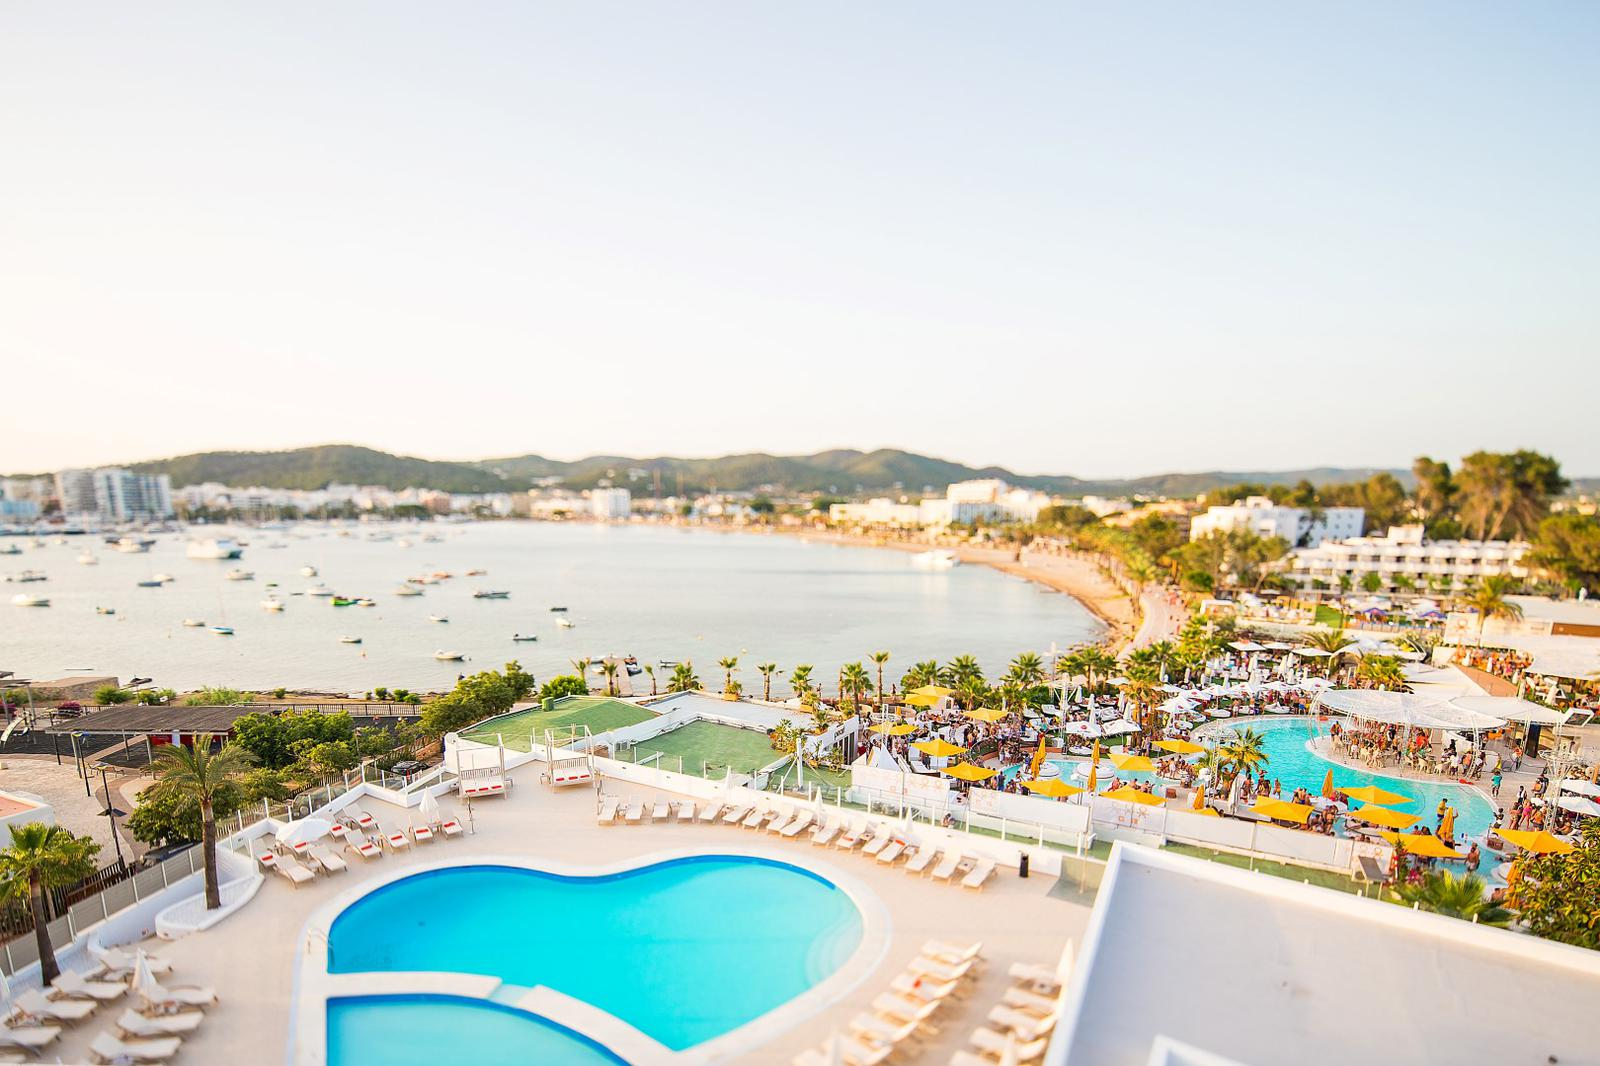 beach clubs españa oceanclub vistaaerea